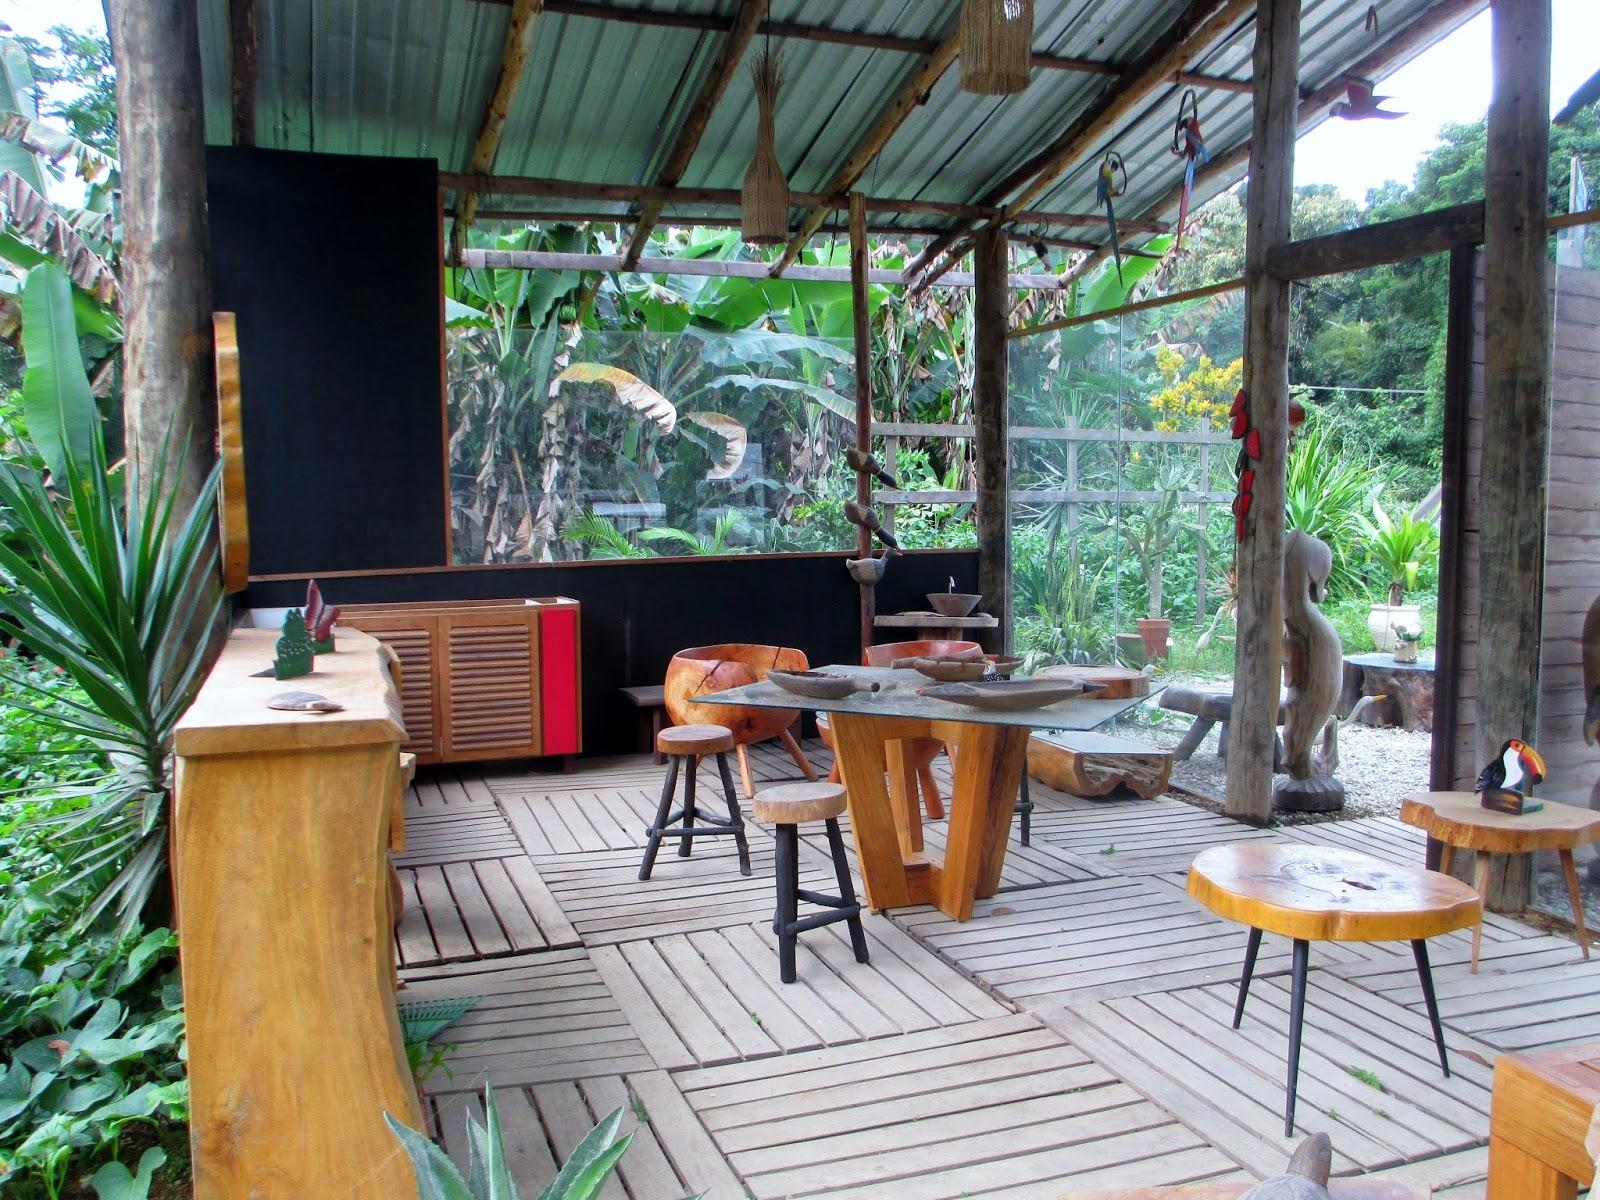 caminos por el mundo Muebles tropicales, Ubatuba, Brasil